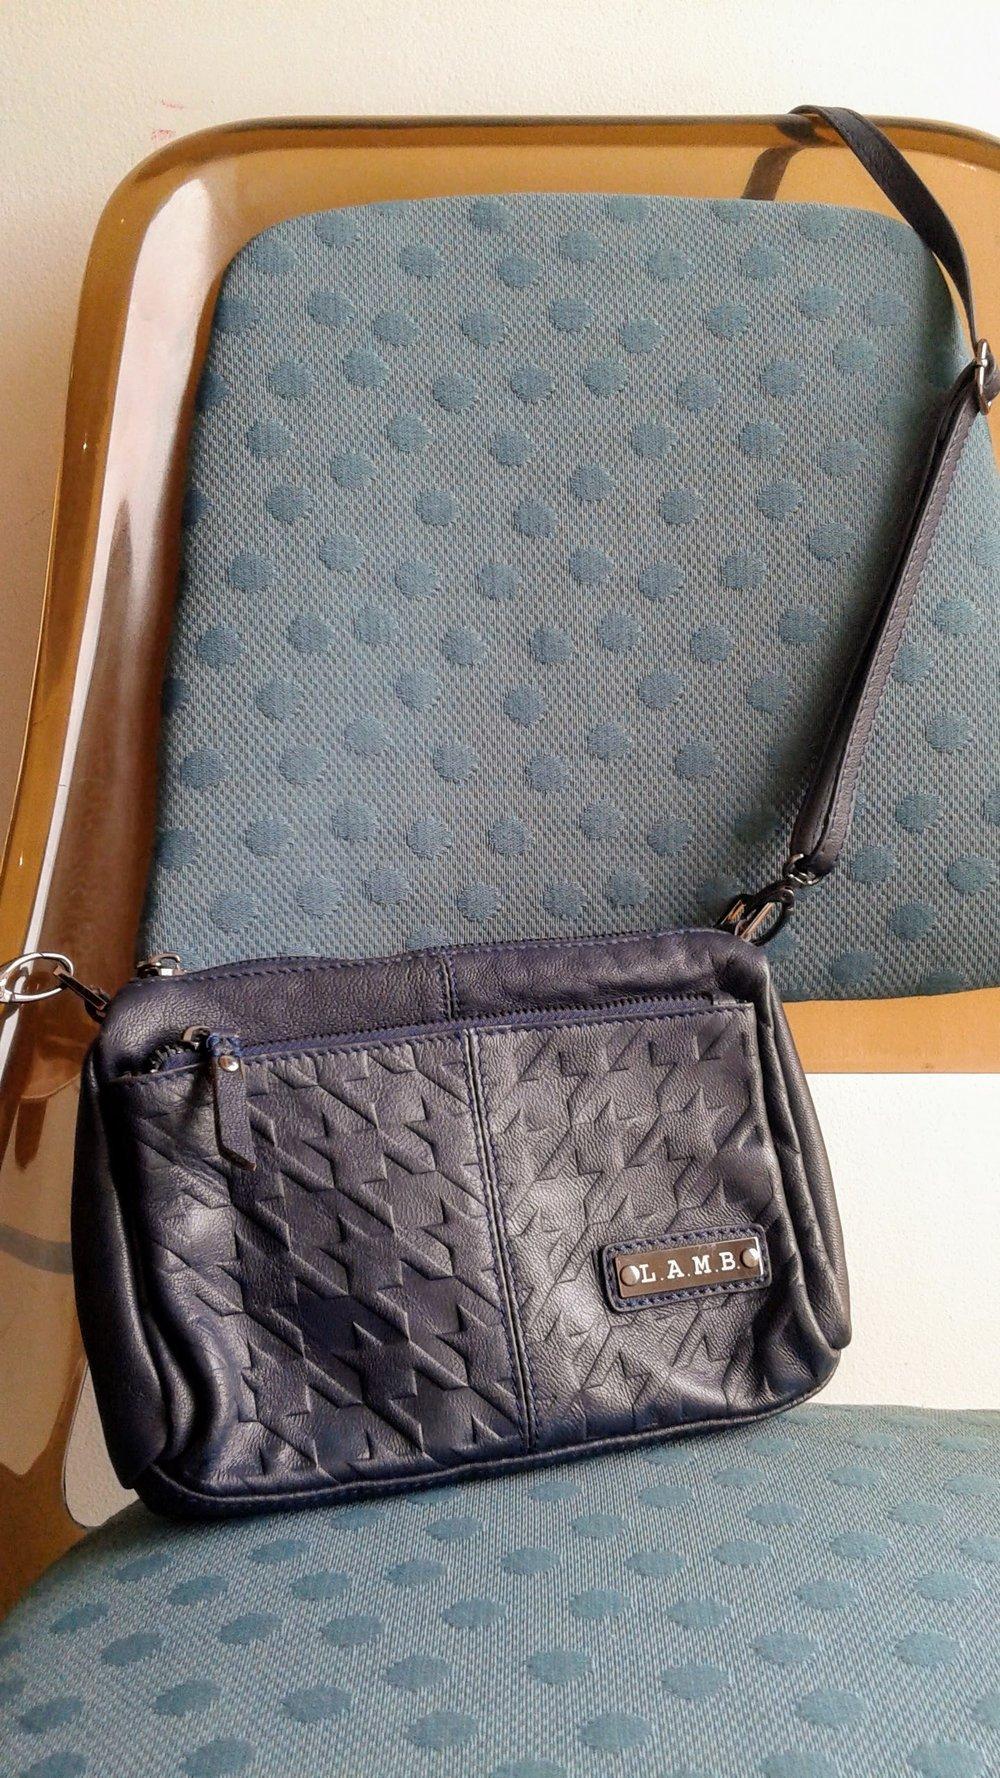 L.A.M.B. purse, $40